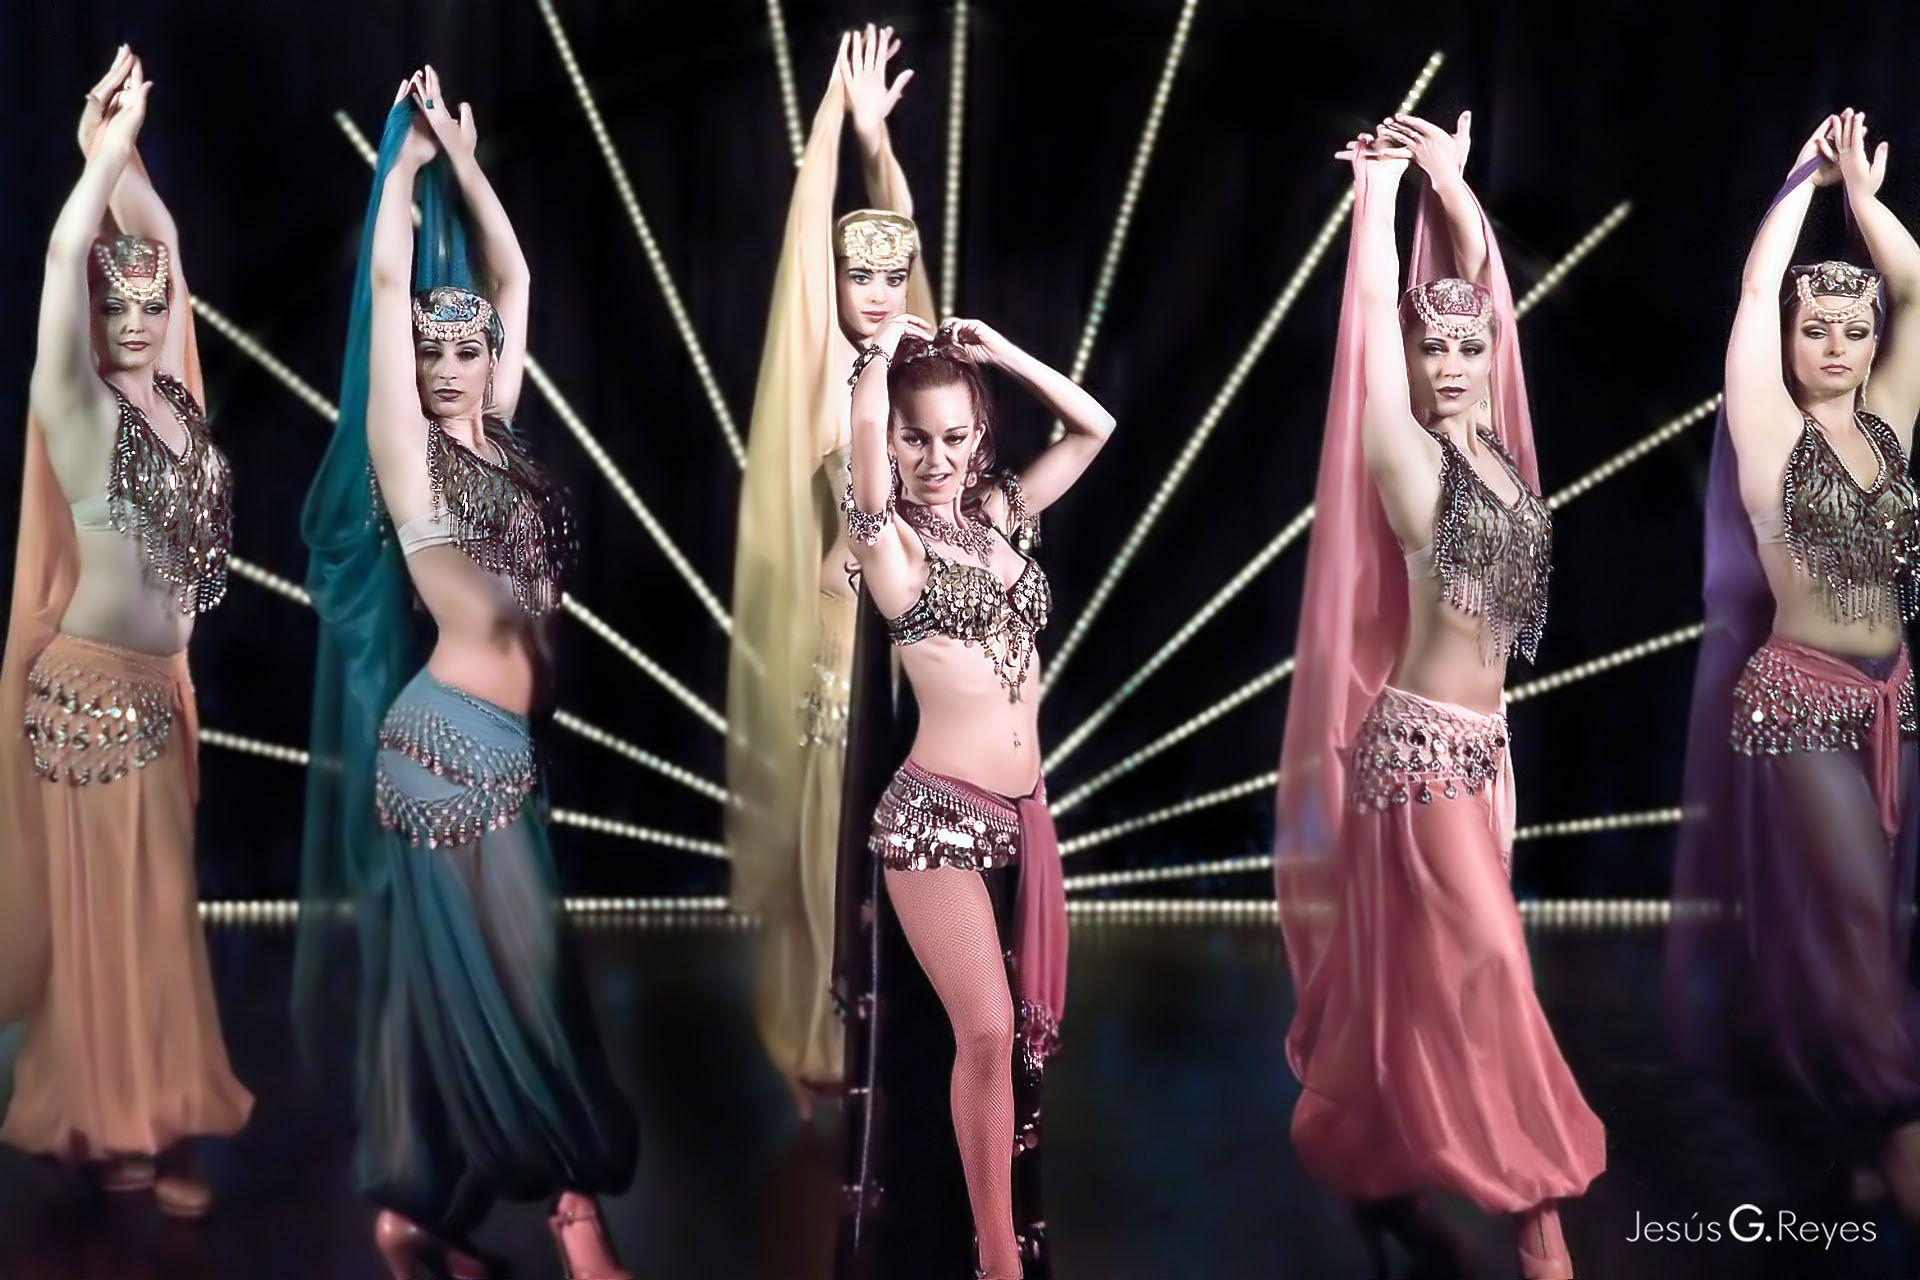 Grupo danza del vientre